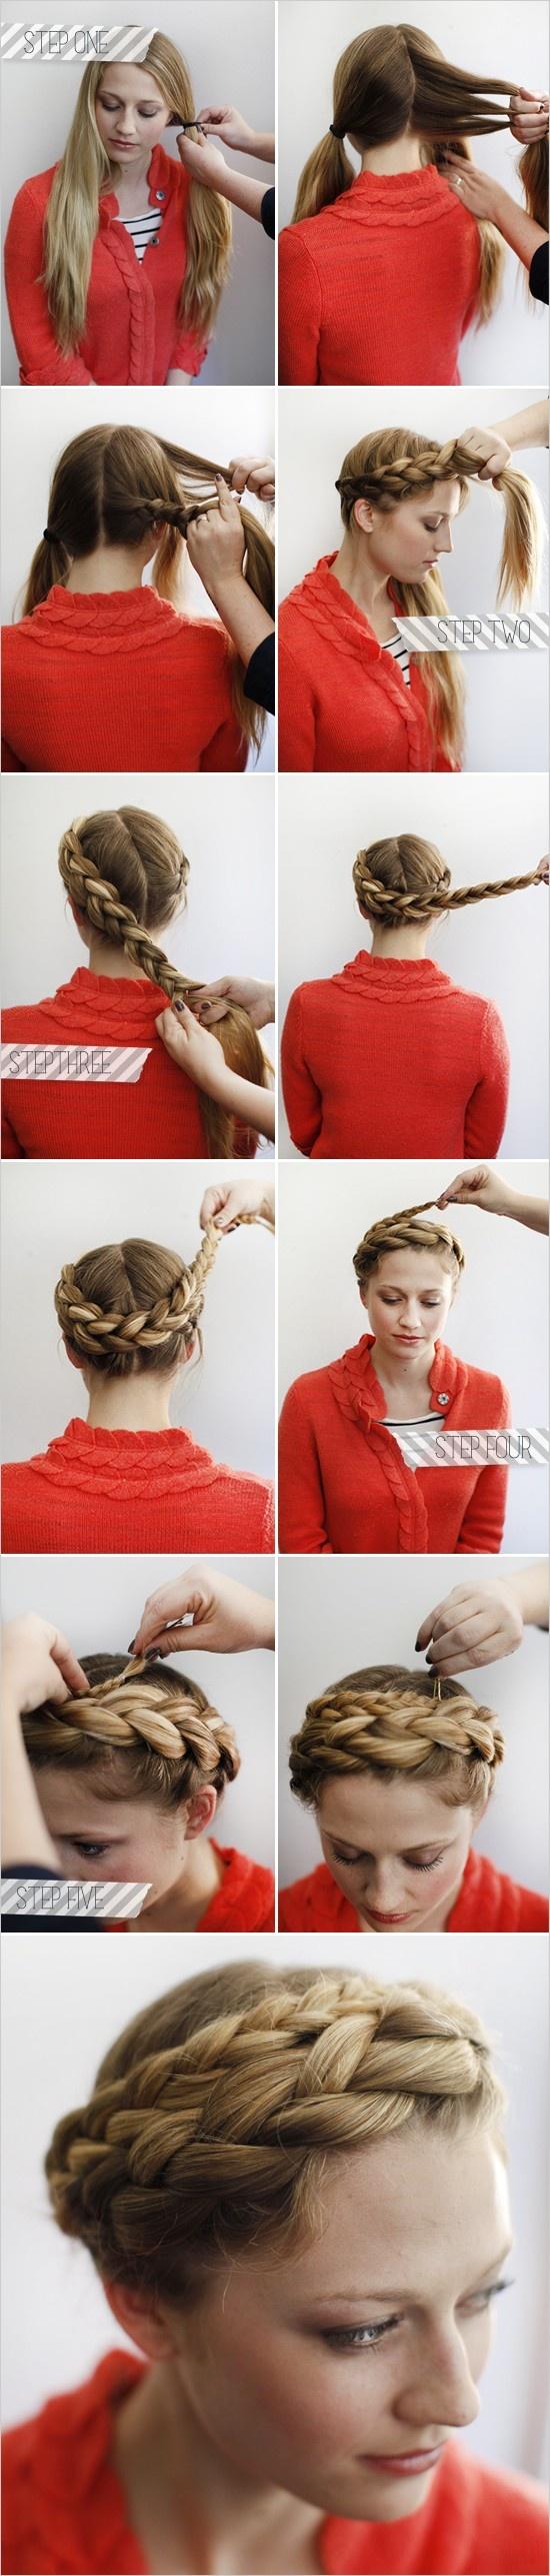 15 Amazing Braid Tutorials That Are Super Easy